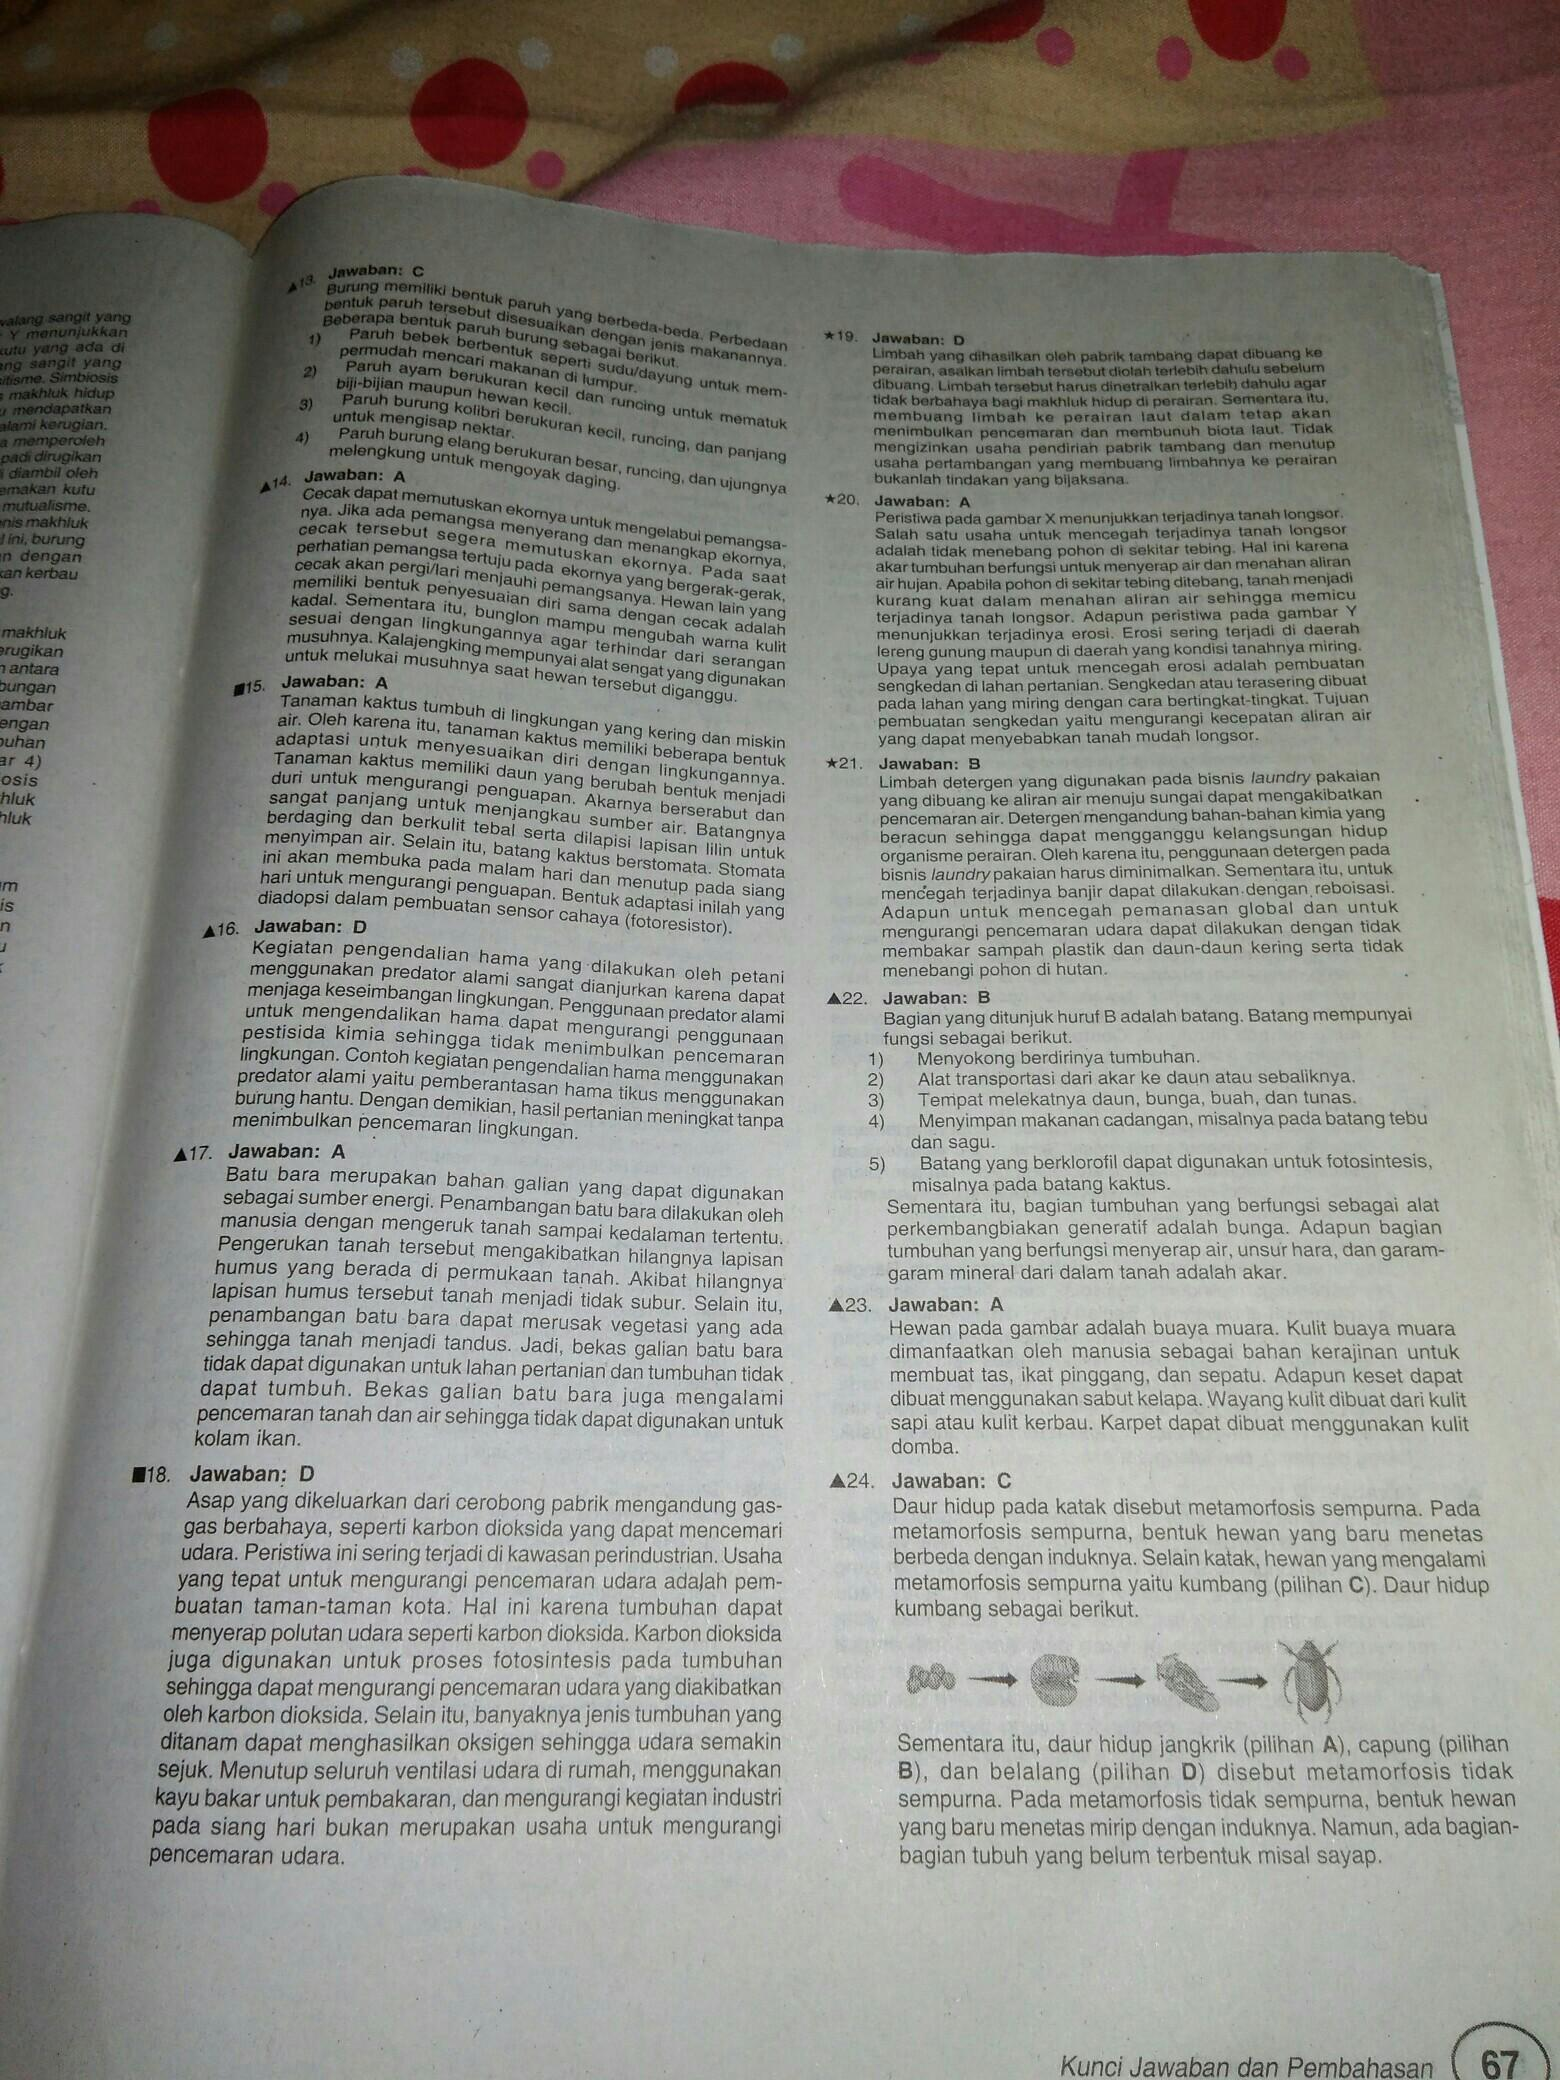 Jawaban Buku Detik Detik Kelas 6 2020 Bahasa Indonesia Ilmusosial Id